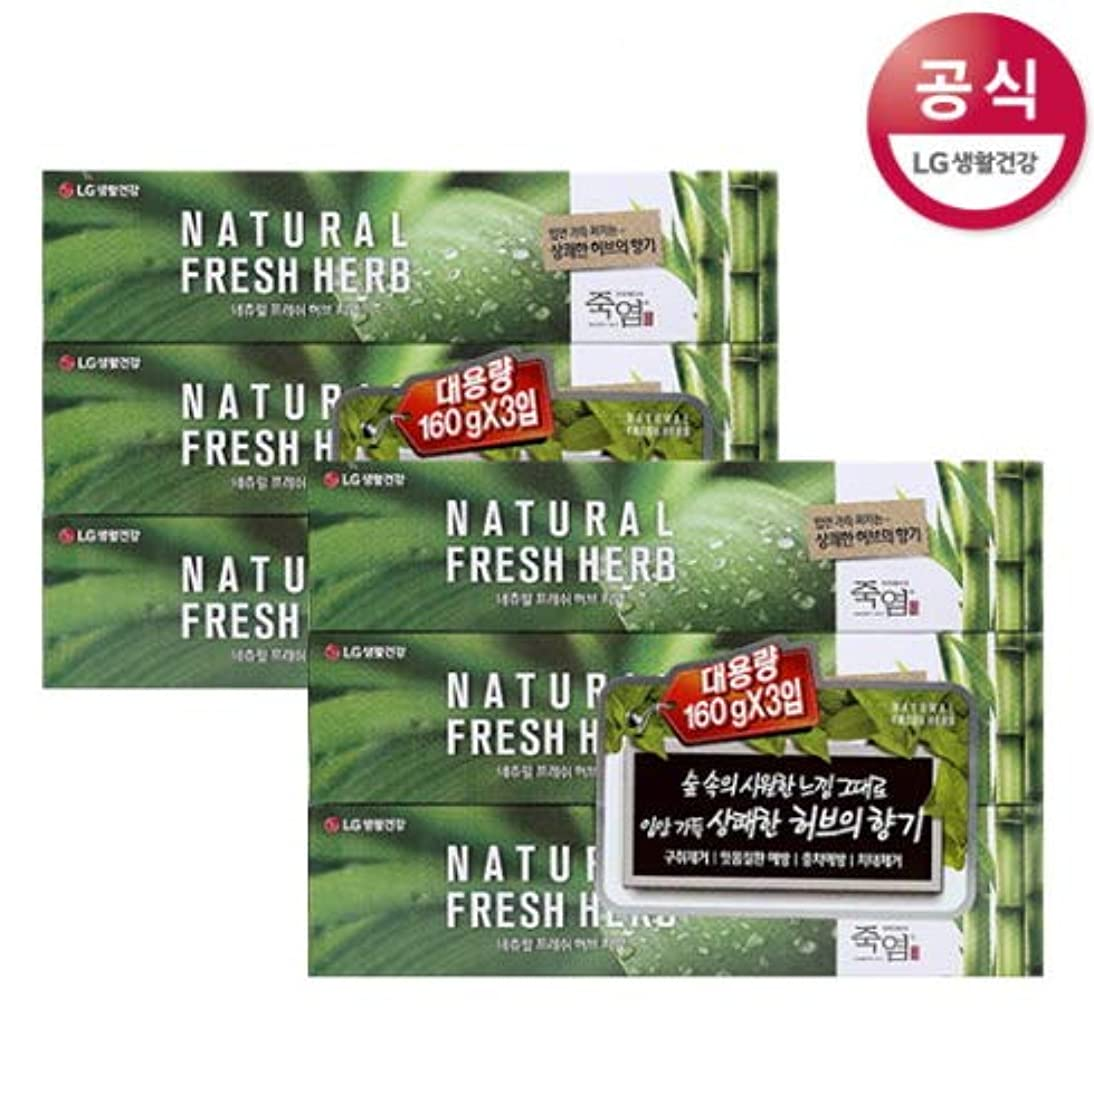 再開ダイジェスト発行する[LG HnB] Bamboo Salt Natural Fresh Herbal Toothpaste/竹塩ナチュラルフレッシュハーブ歯磨き粉 160gx6個(海外直送品)